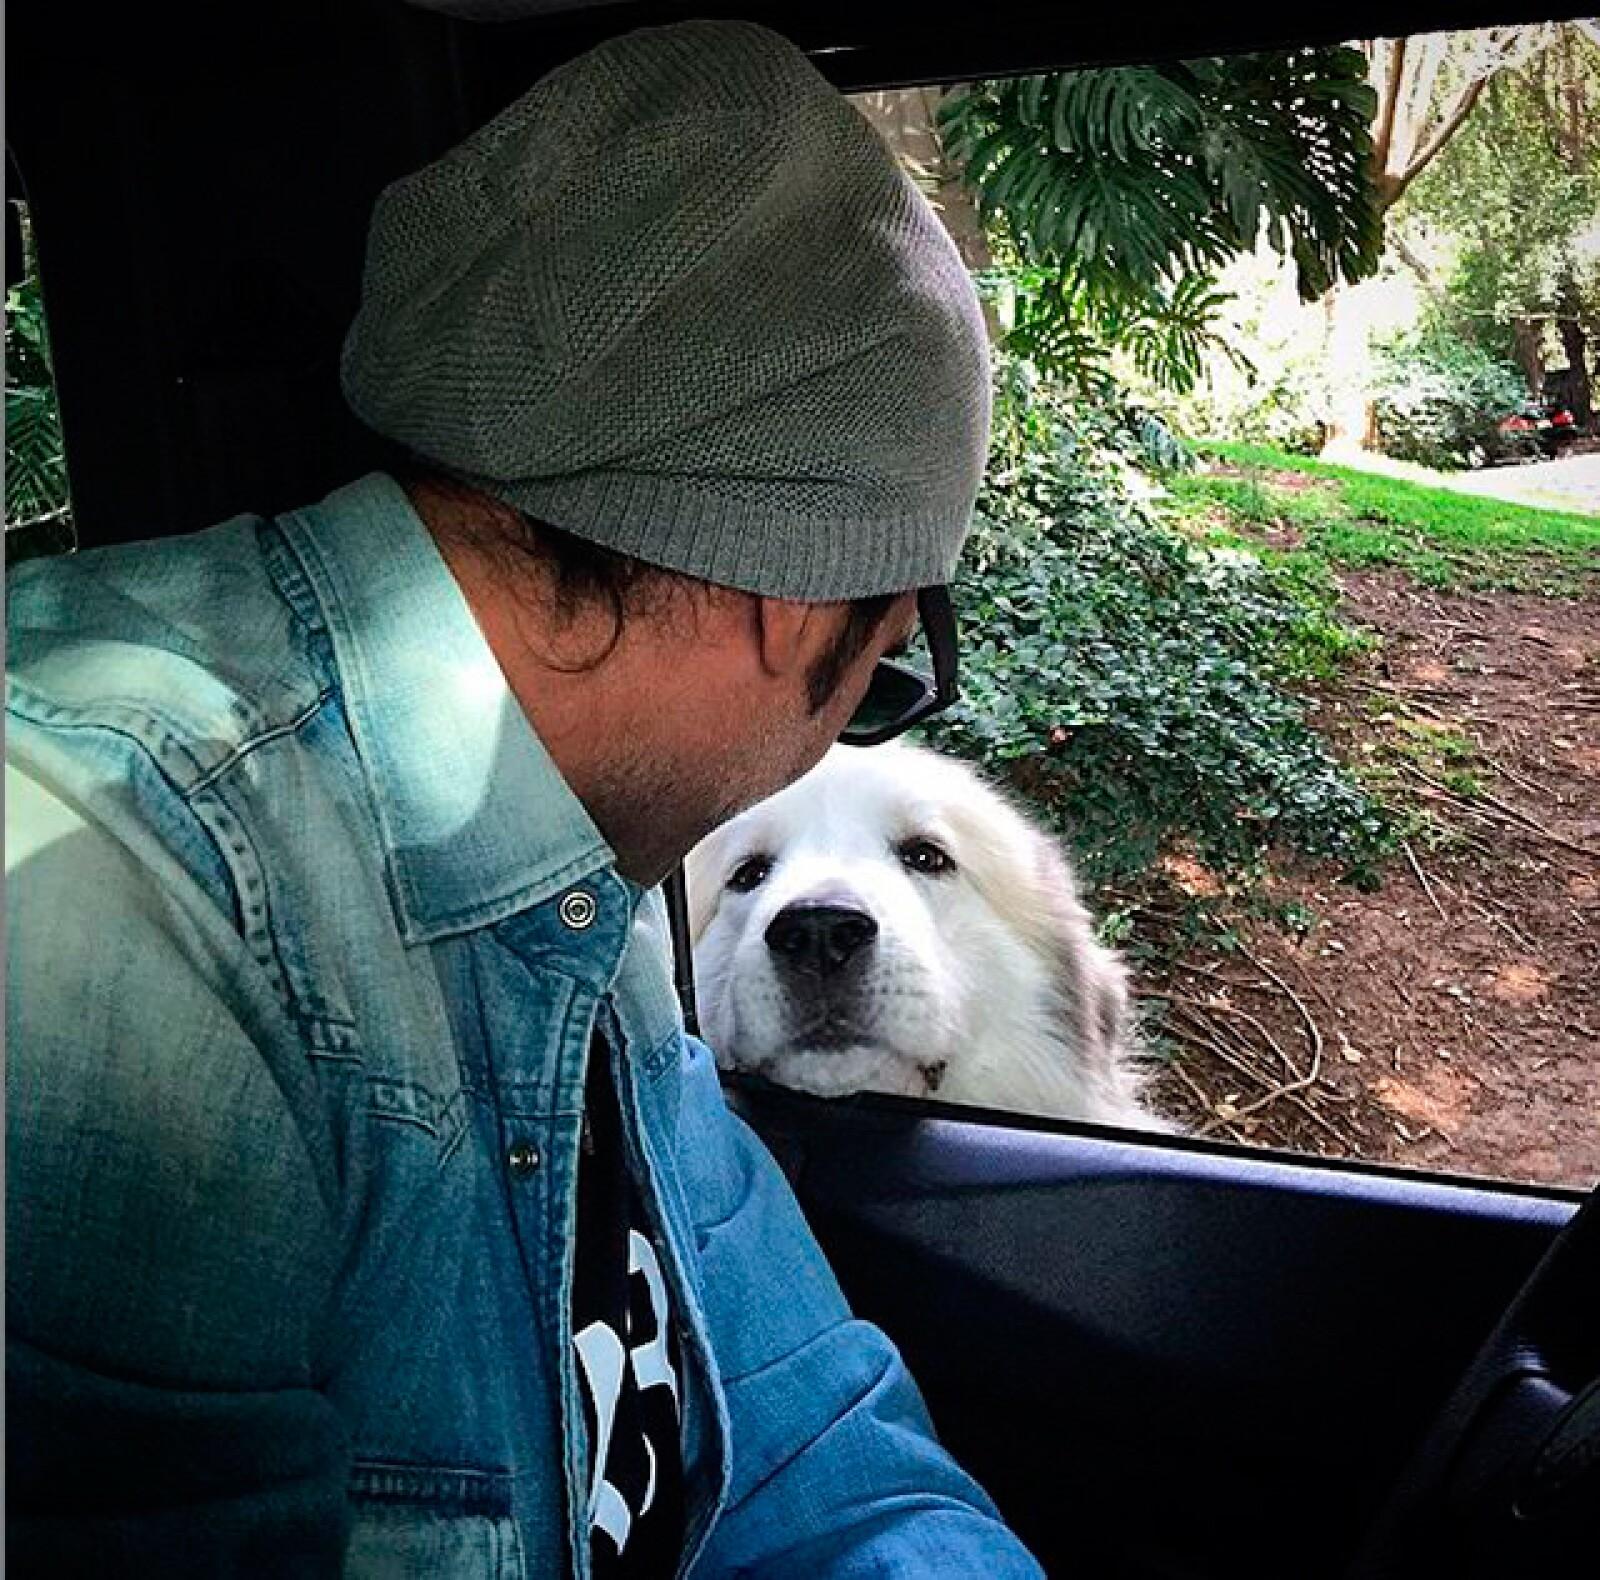 Alejandro gusta de compartir hermosas fotografías junto a sus perros.